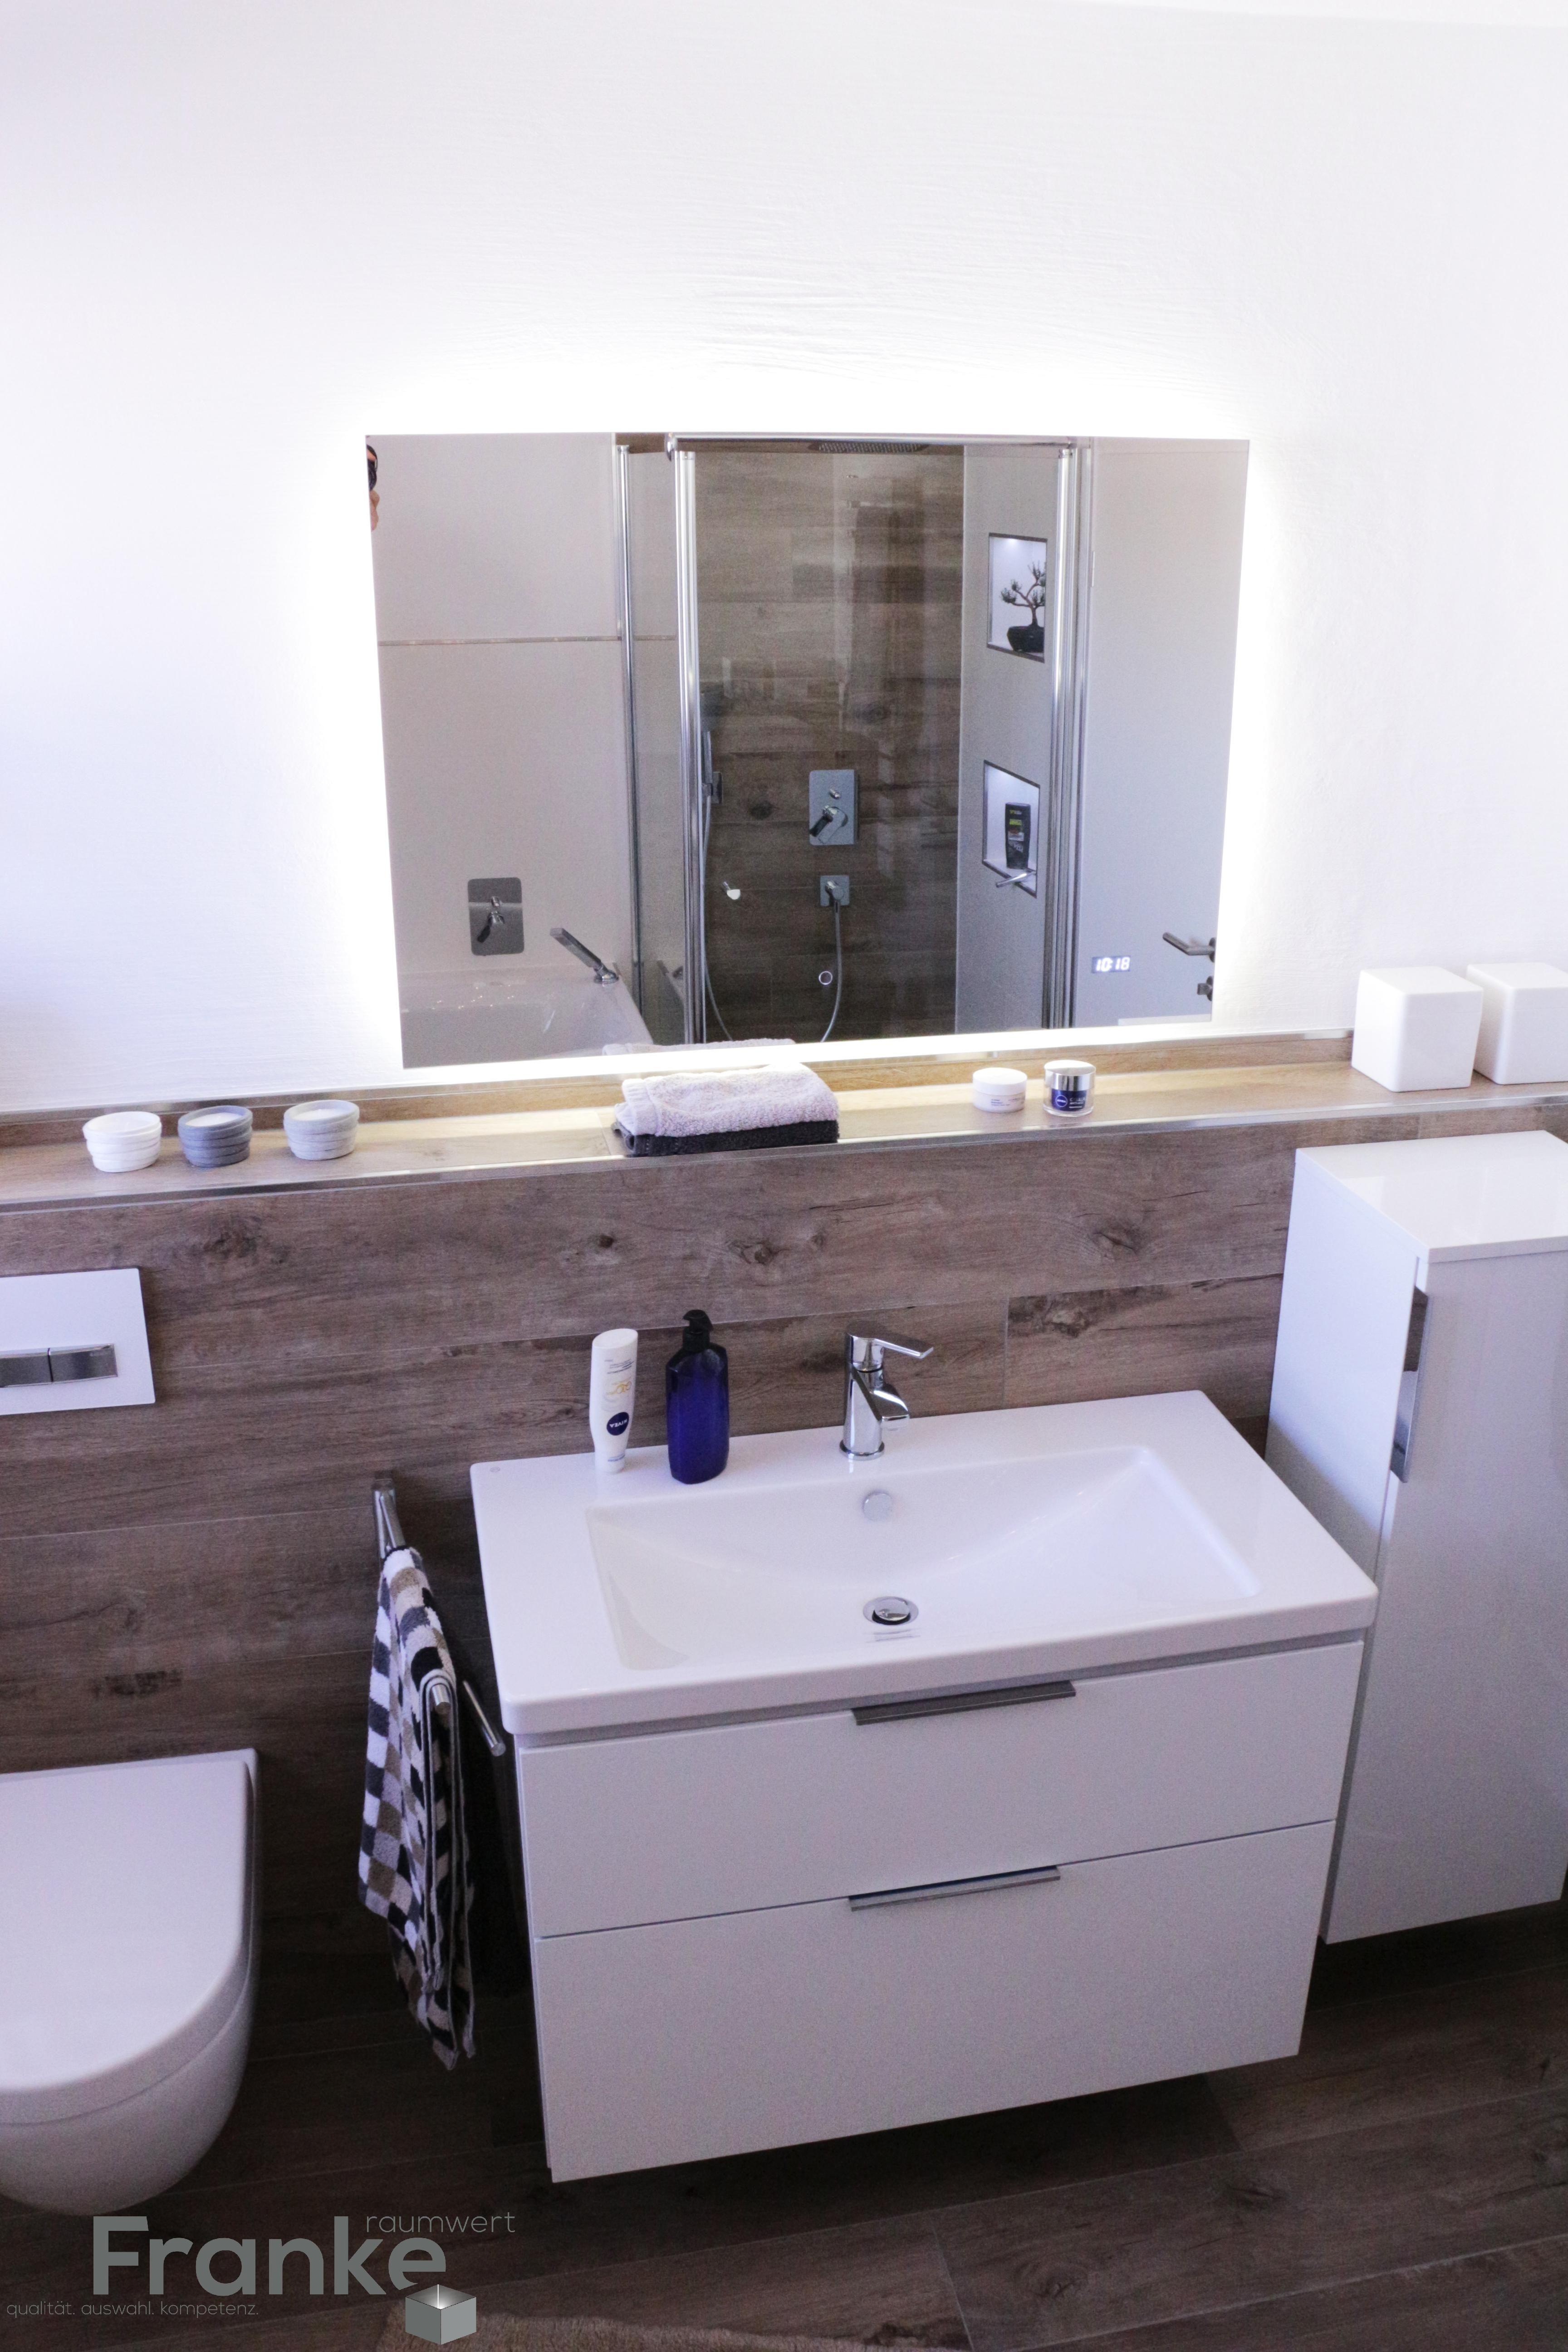 Badezimmer keramik  Fliesen in Holzoptik, Keramik Waschtisch mit Unterschrank und LED ...